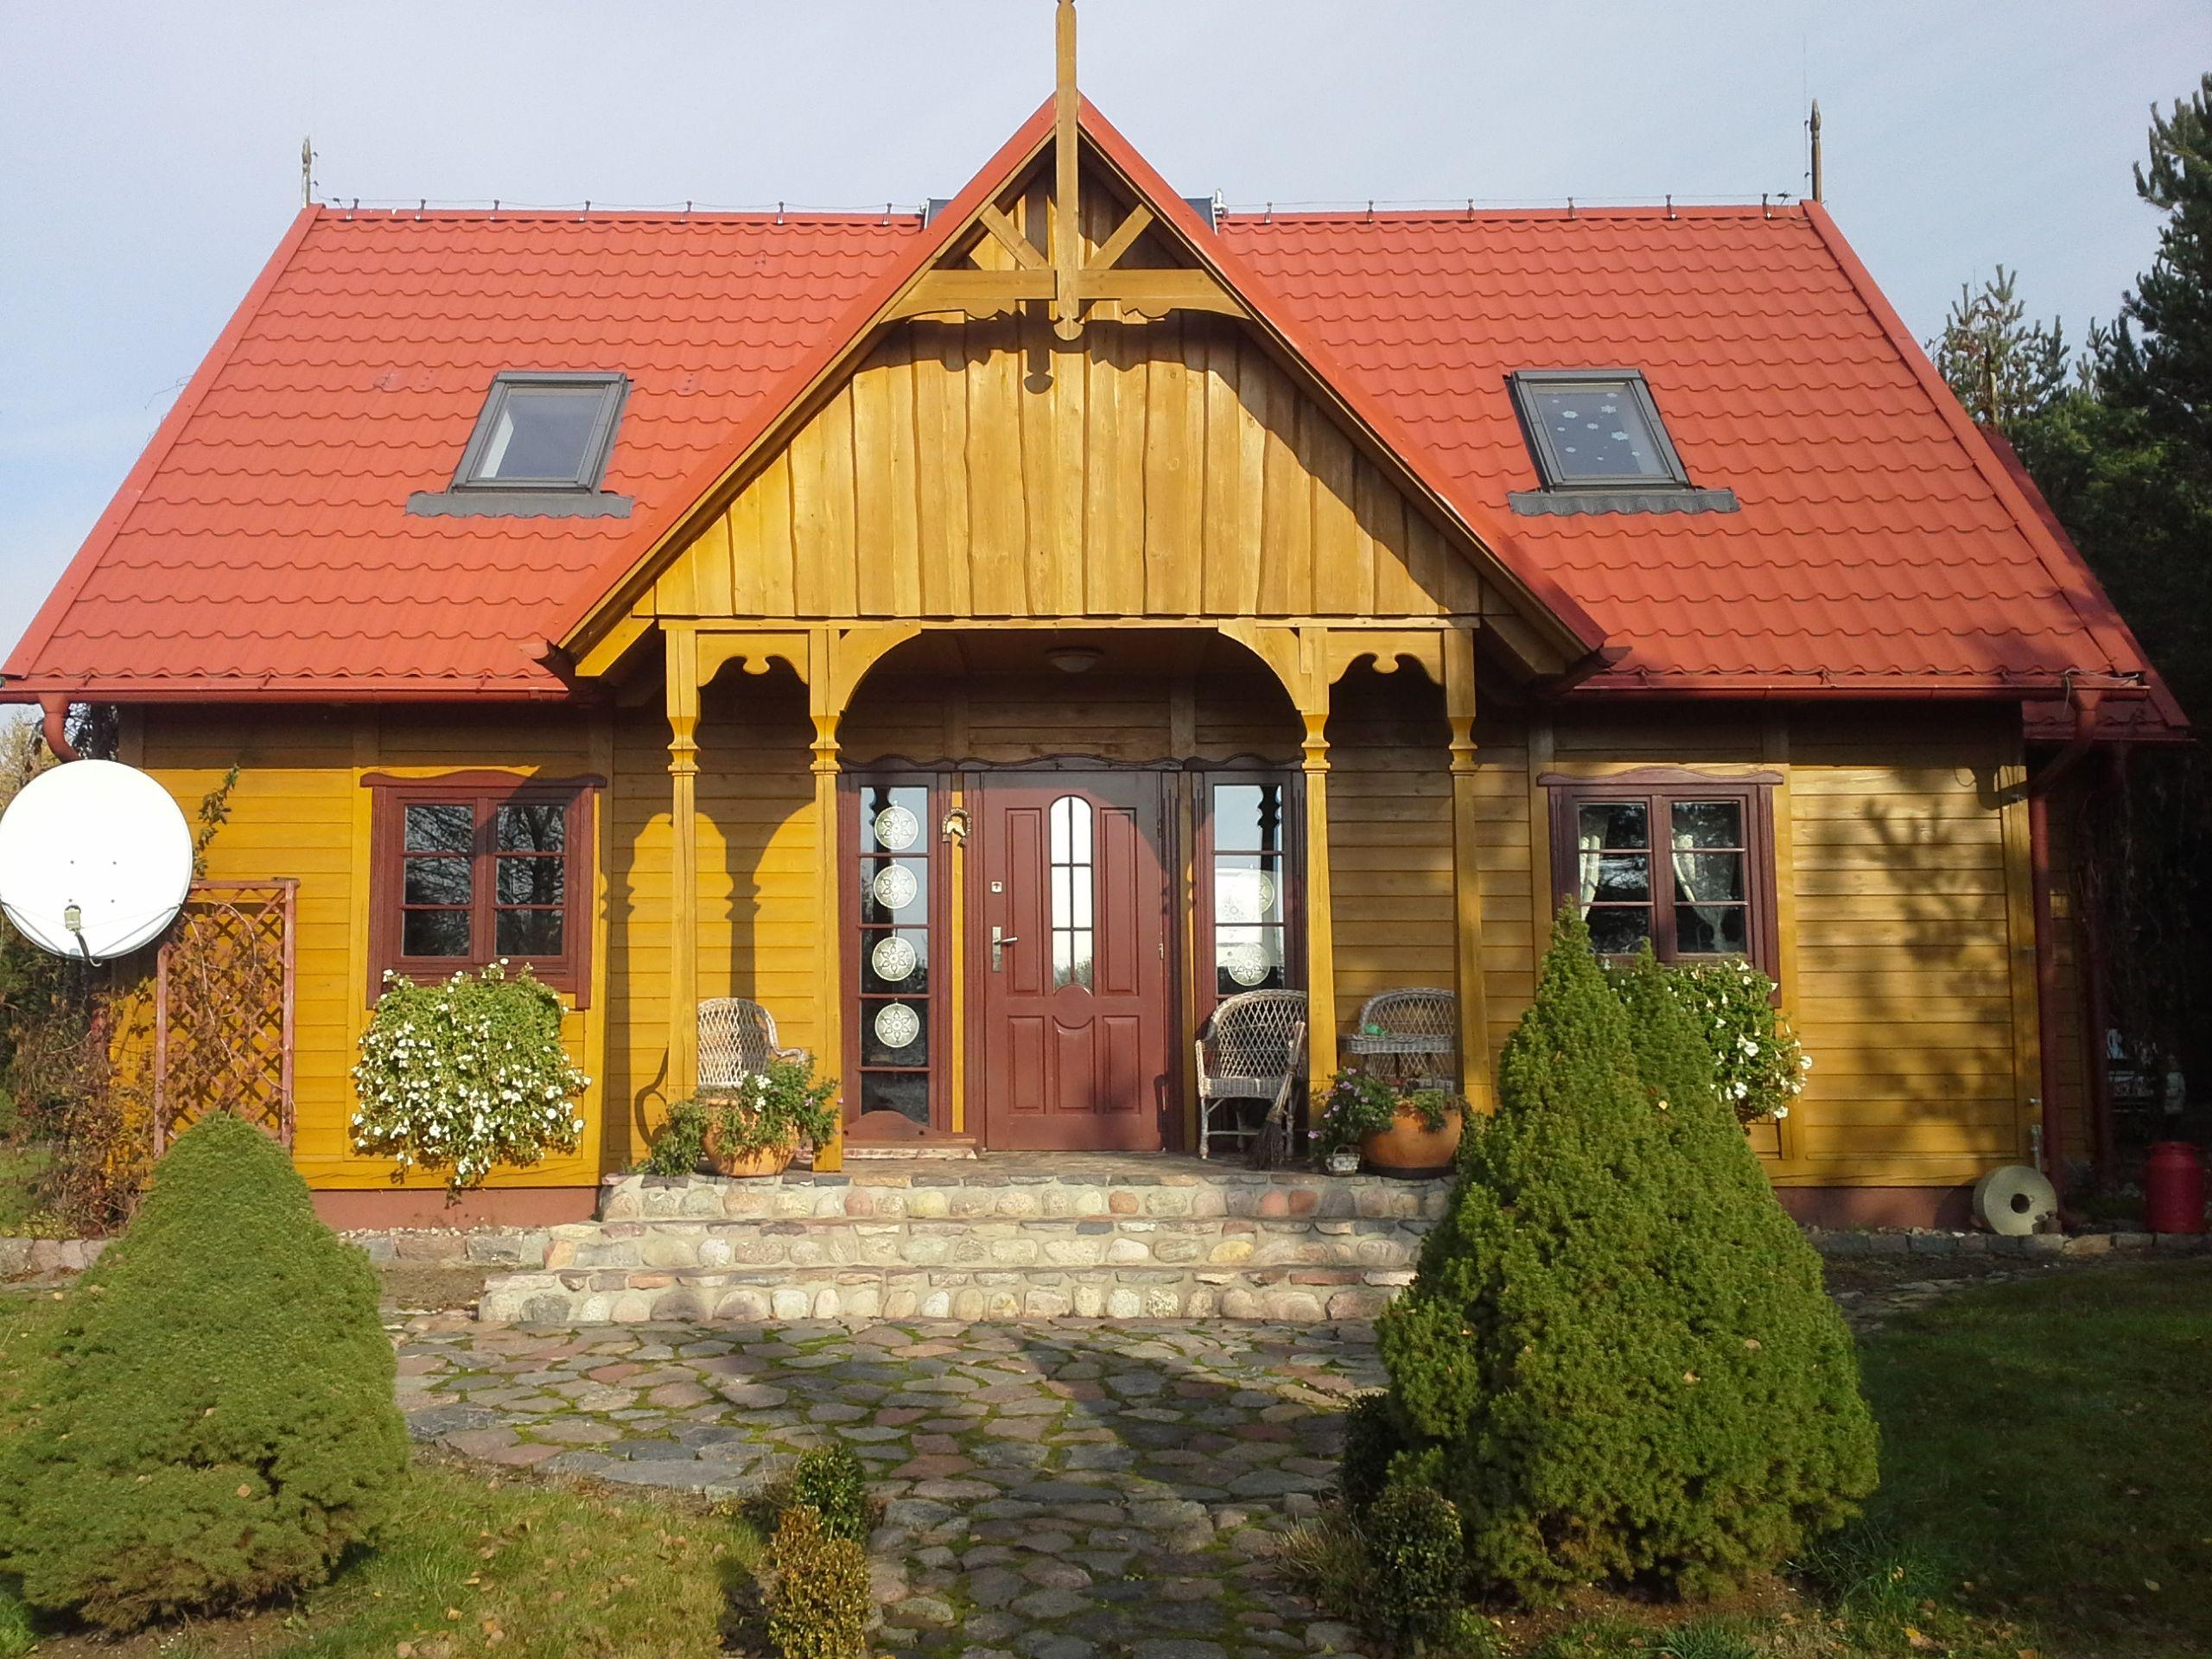 Sprzedam Caloroczny Dom Drewniany W Miejscowosci Lipusz Na Zewnatrz